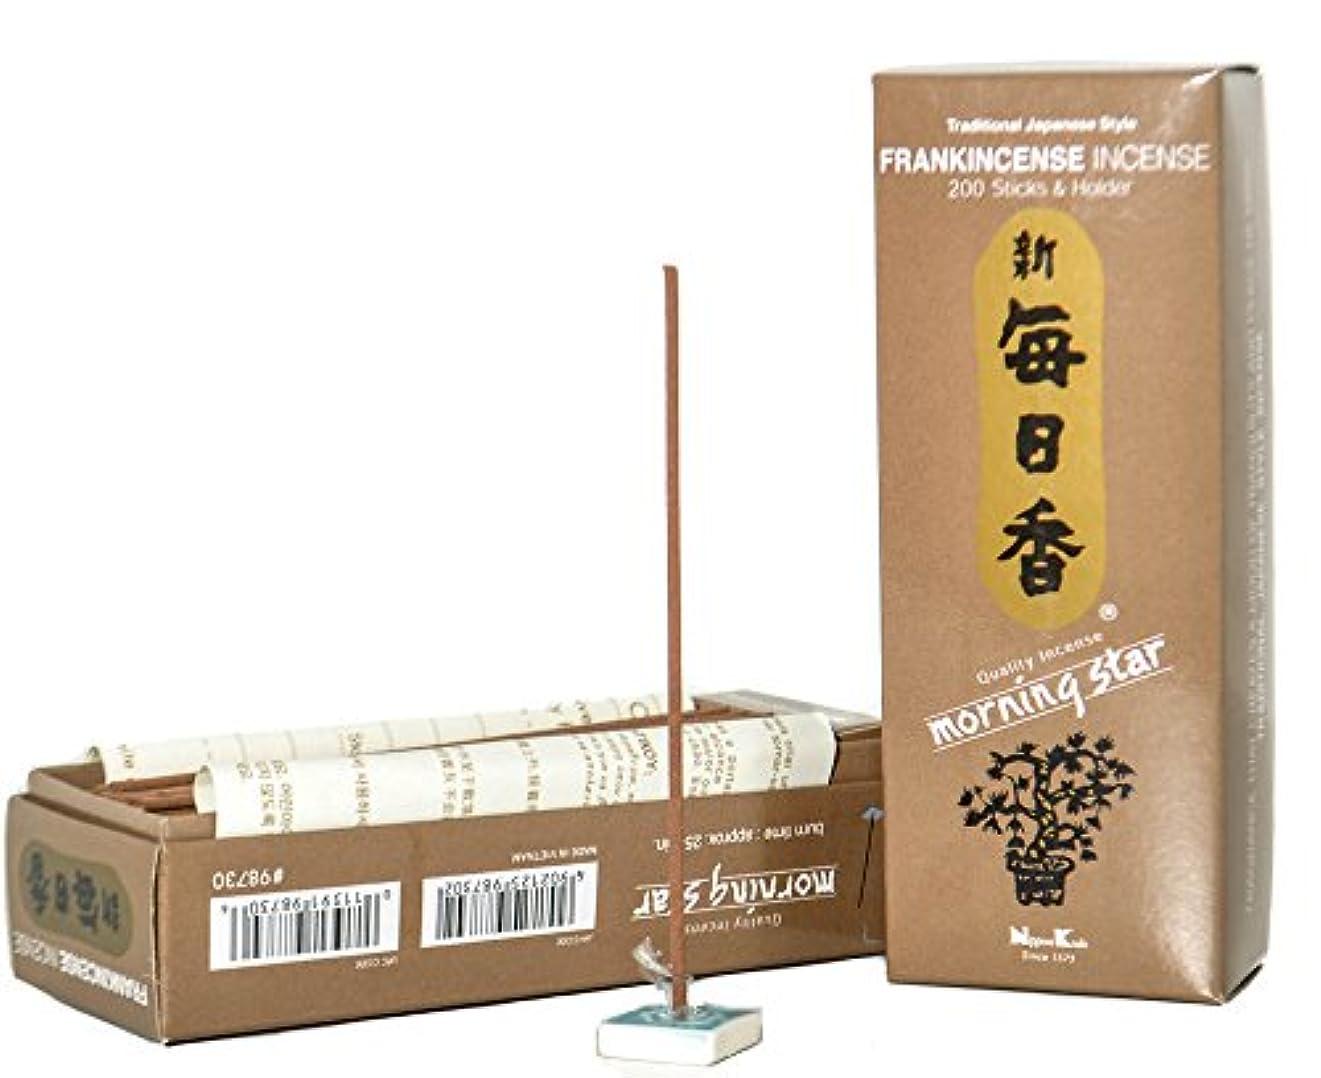 曇った独立してジャムMorning Star Japanese Incense Sticks 200 Sticks &ホルダー ブラウン